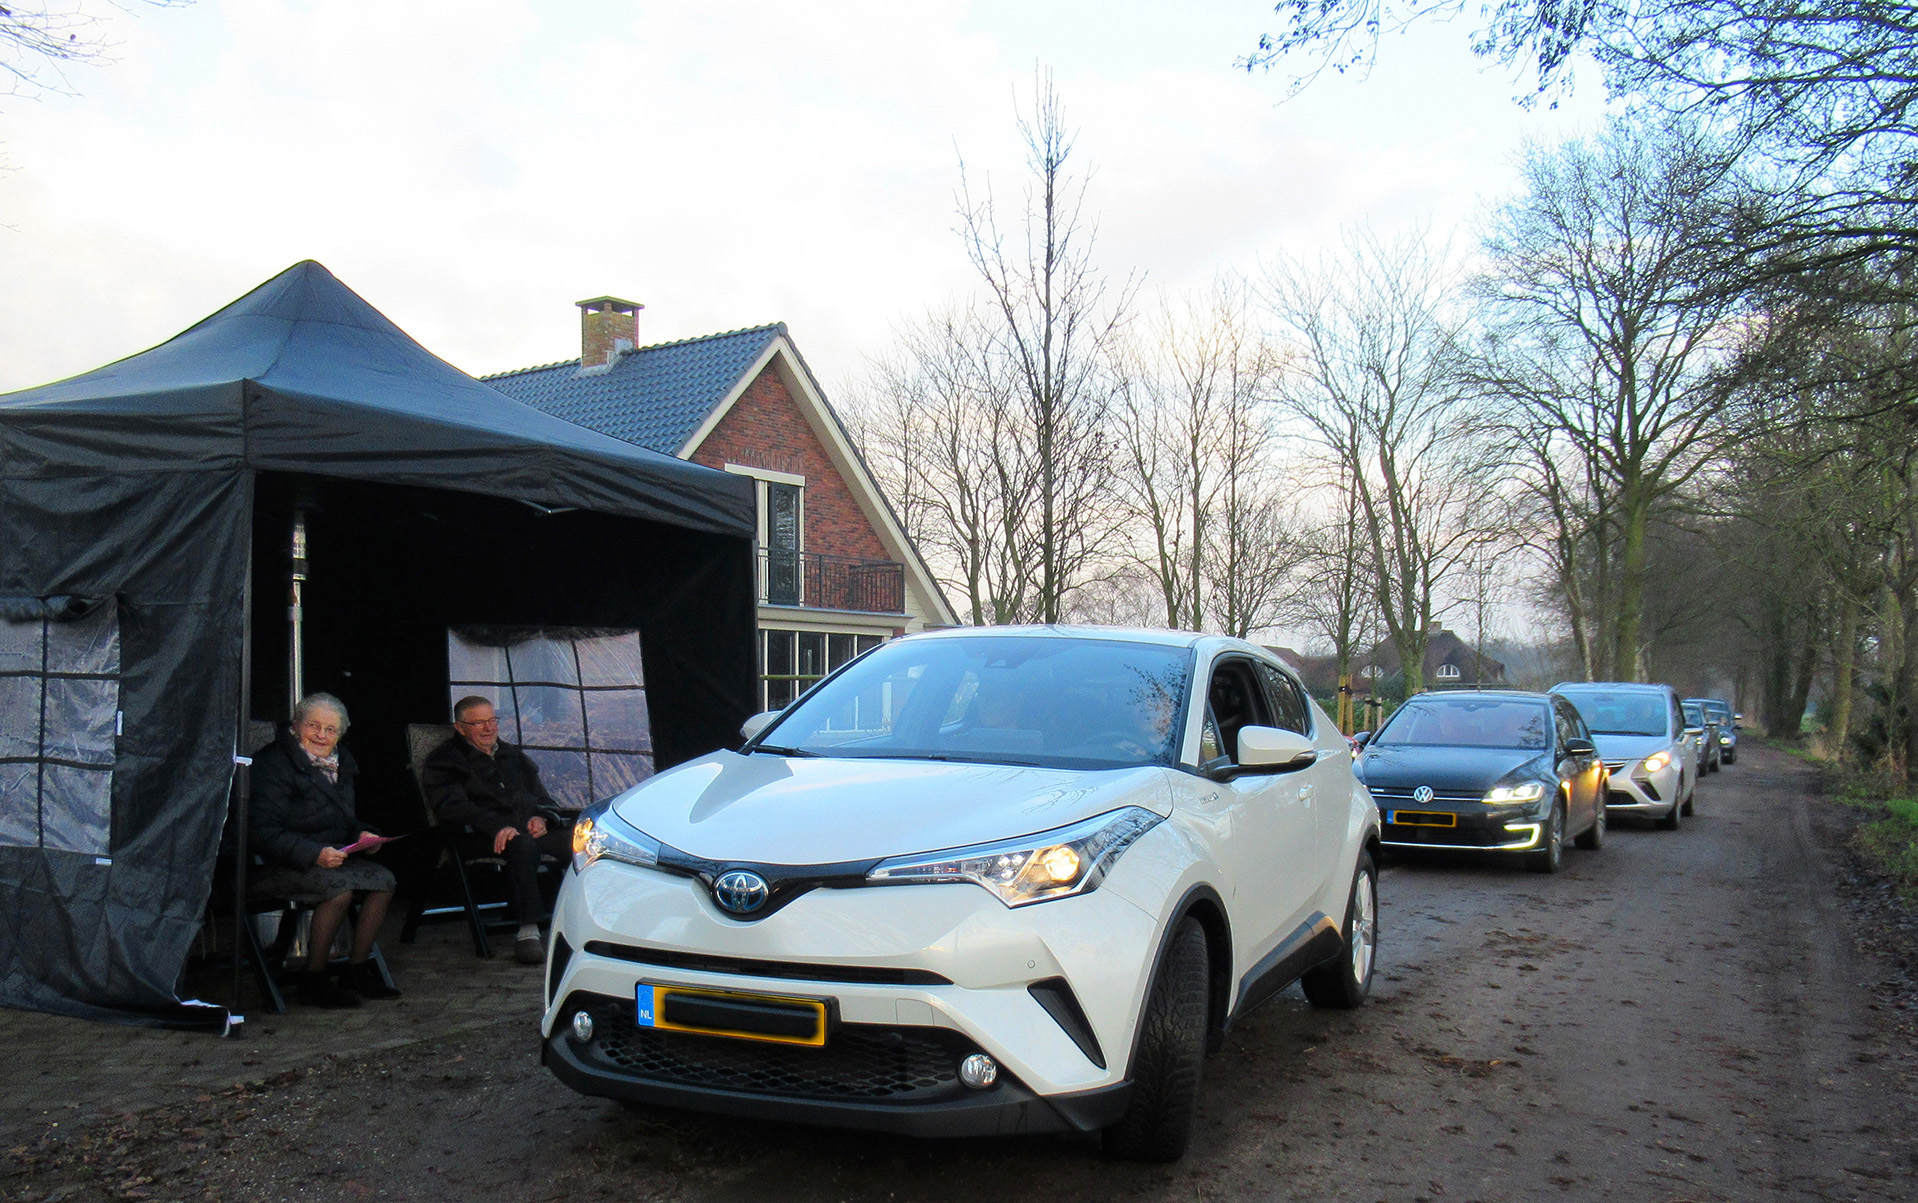 Op Nieuwjaarsdag stond de Broekweg in Stroe vol met auto's - Foto: ©Fransien Fraanje